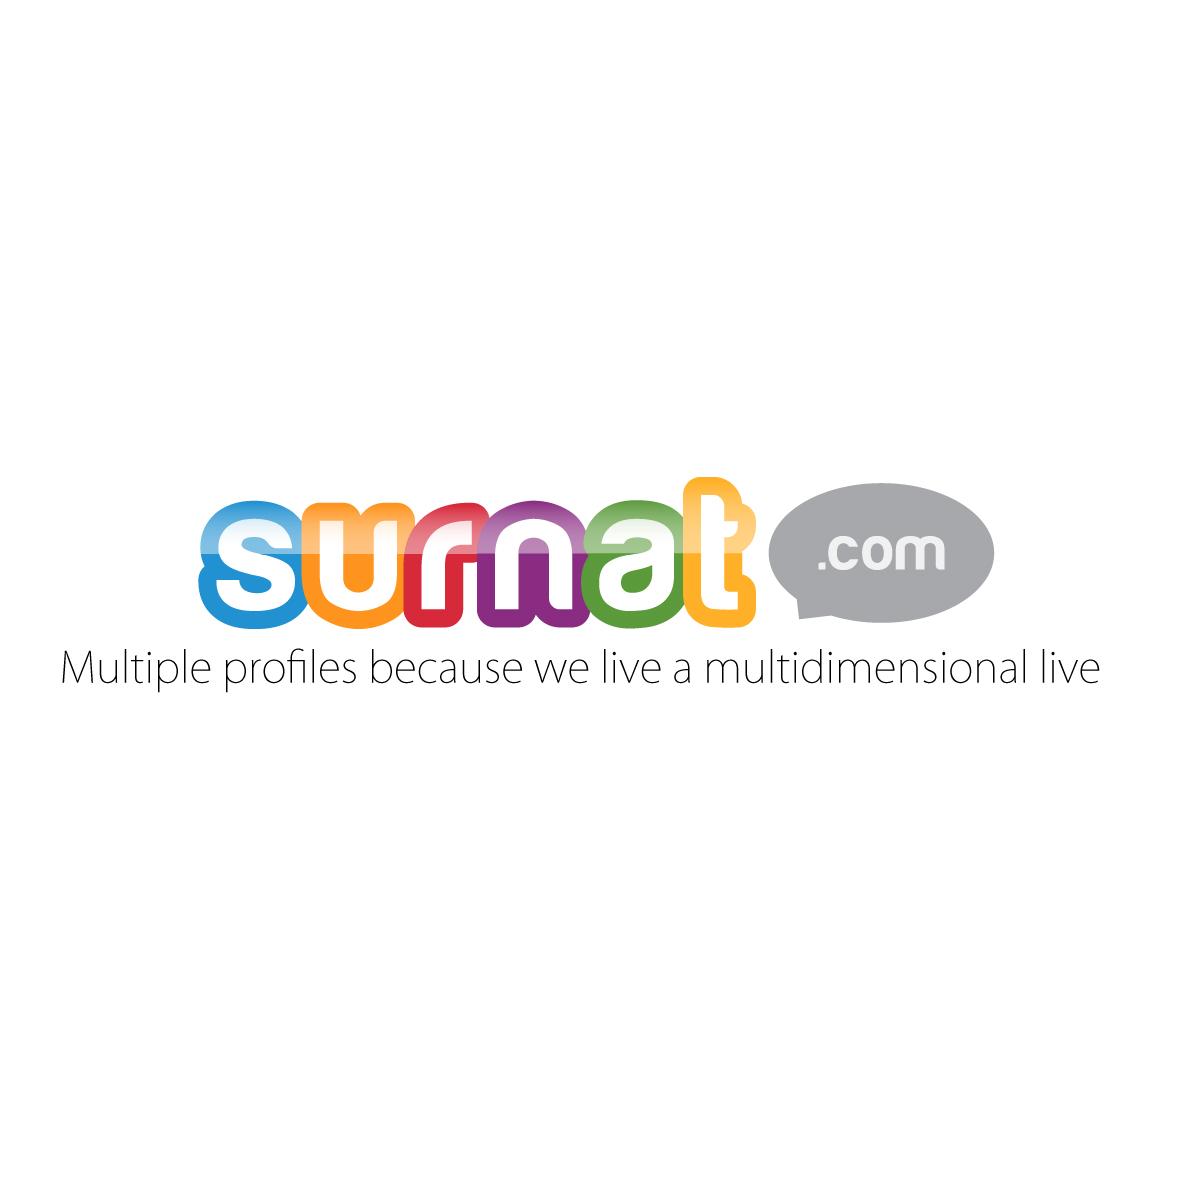 Logo Design by ex - Entry No. 31 in the Logo Design Contest Surnat.com.